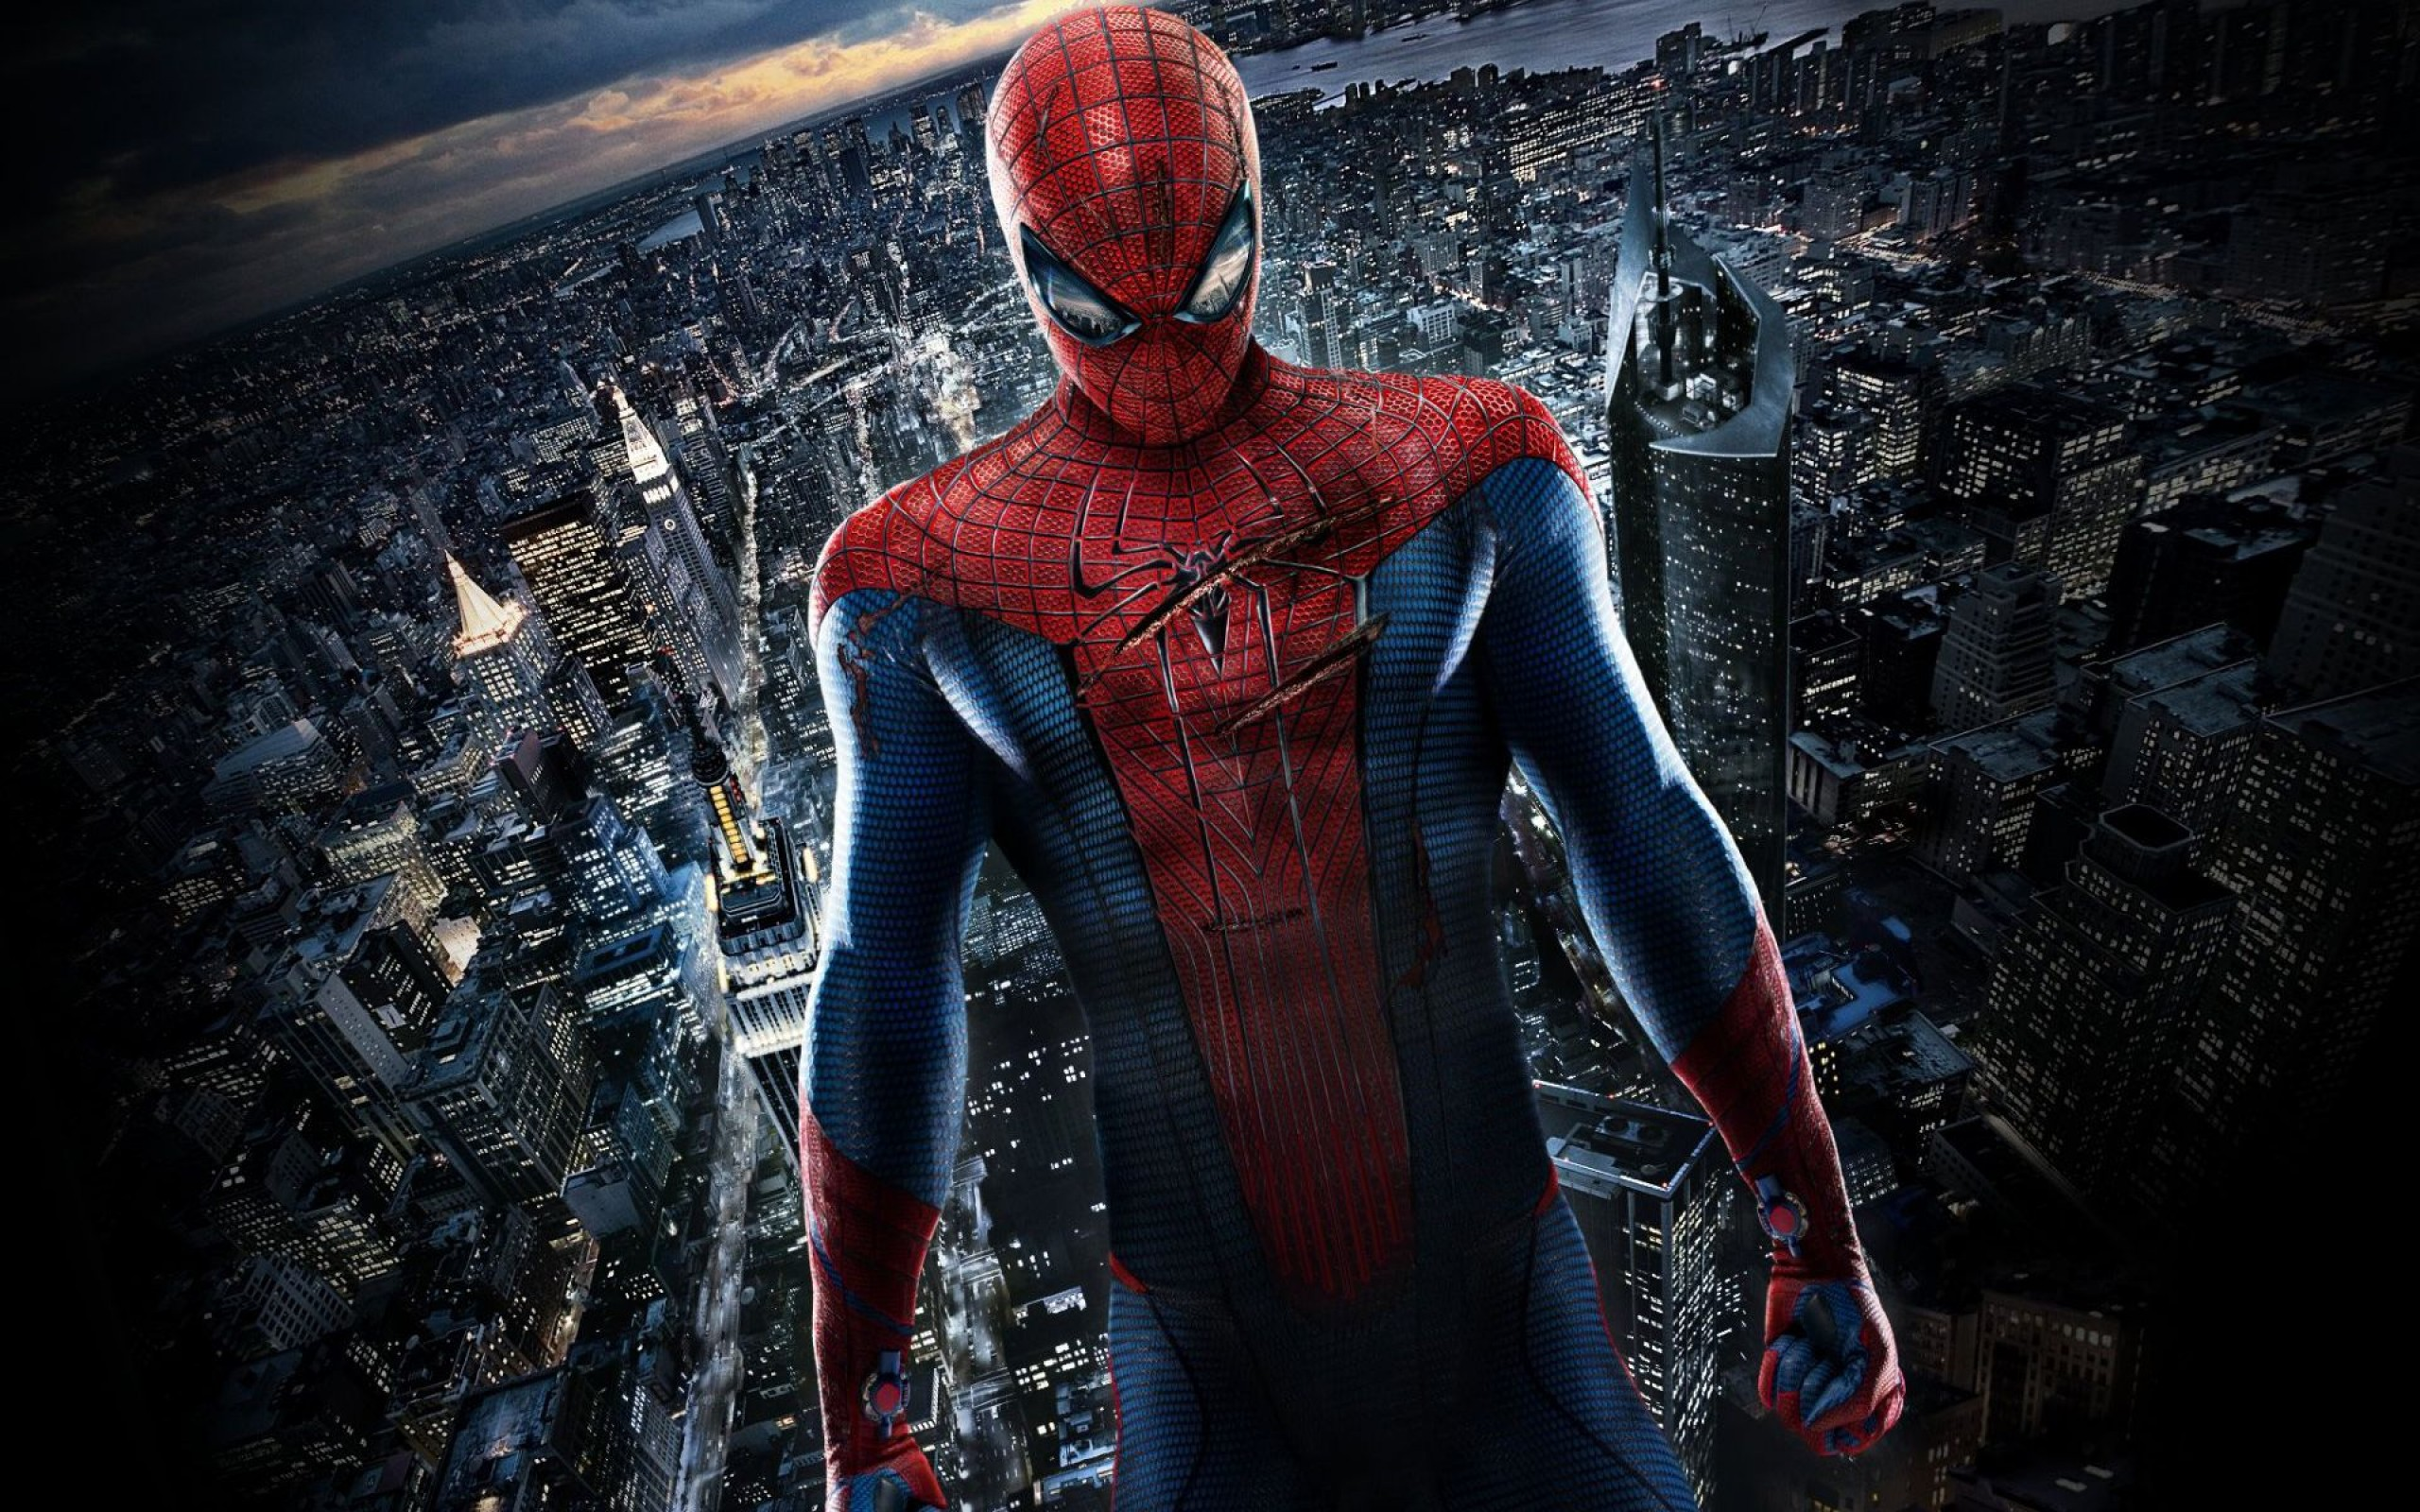 The amazing spider-man 2 / новый человек-паук 2 (обновлено v 1. 2.